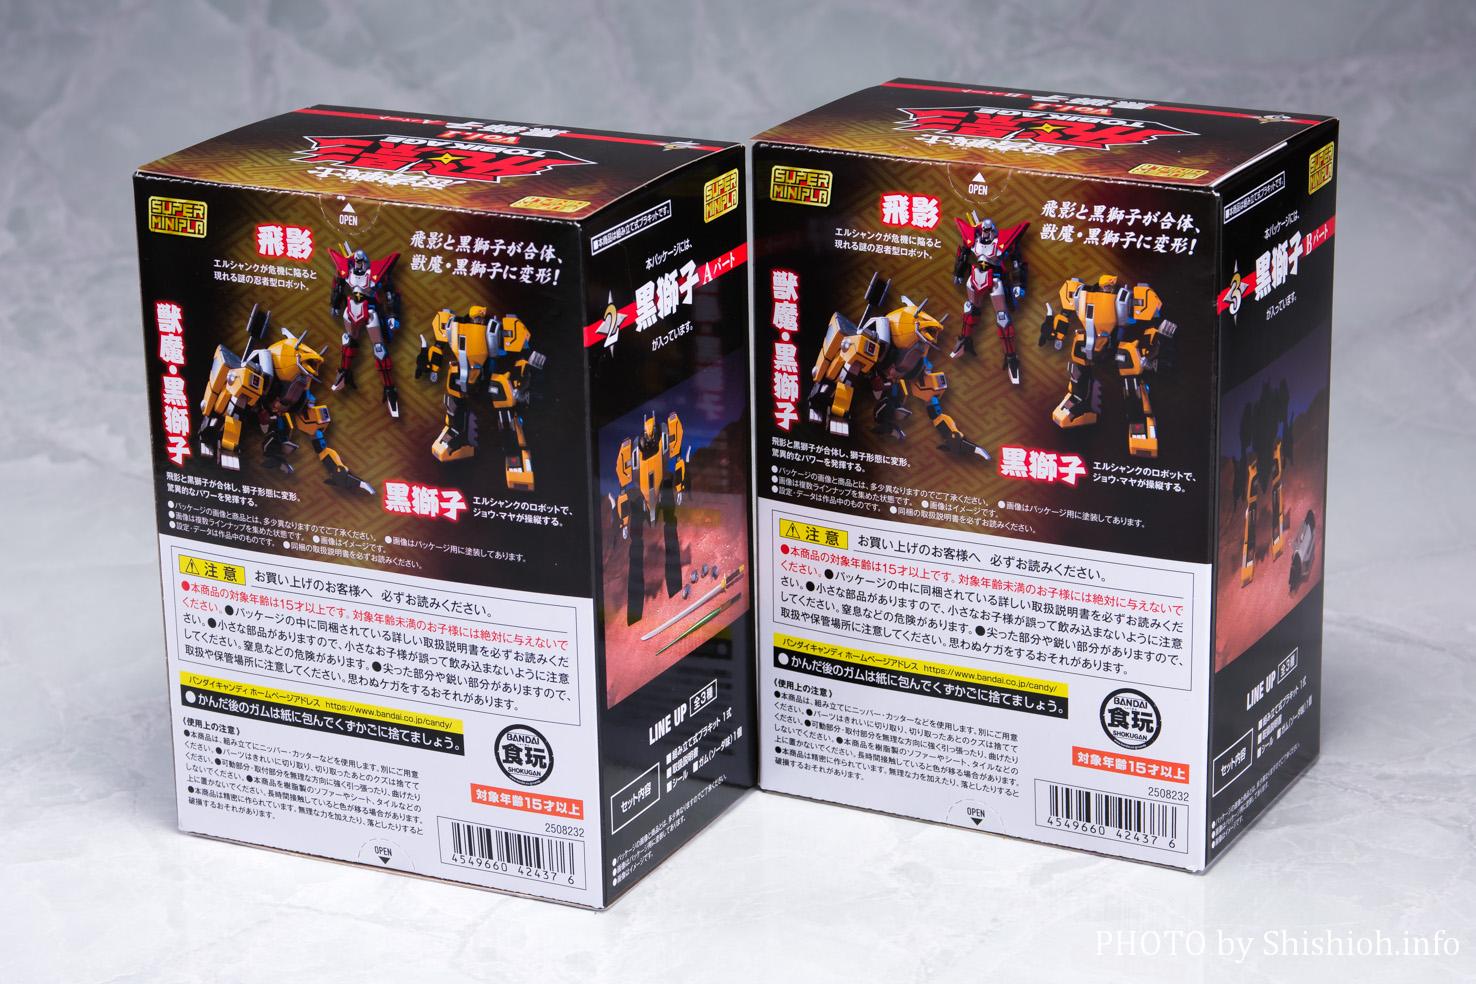 スーパーミニプラ 忍者戦士Vol.1 黒獅子